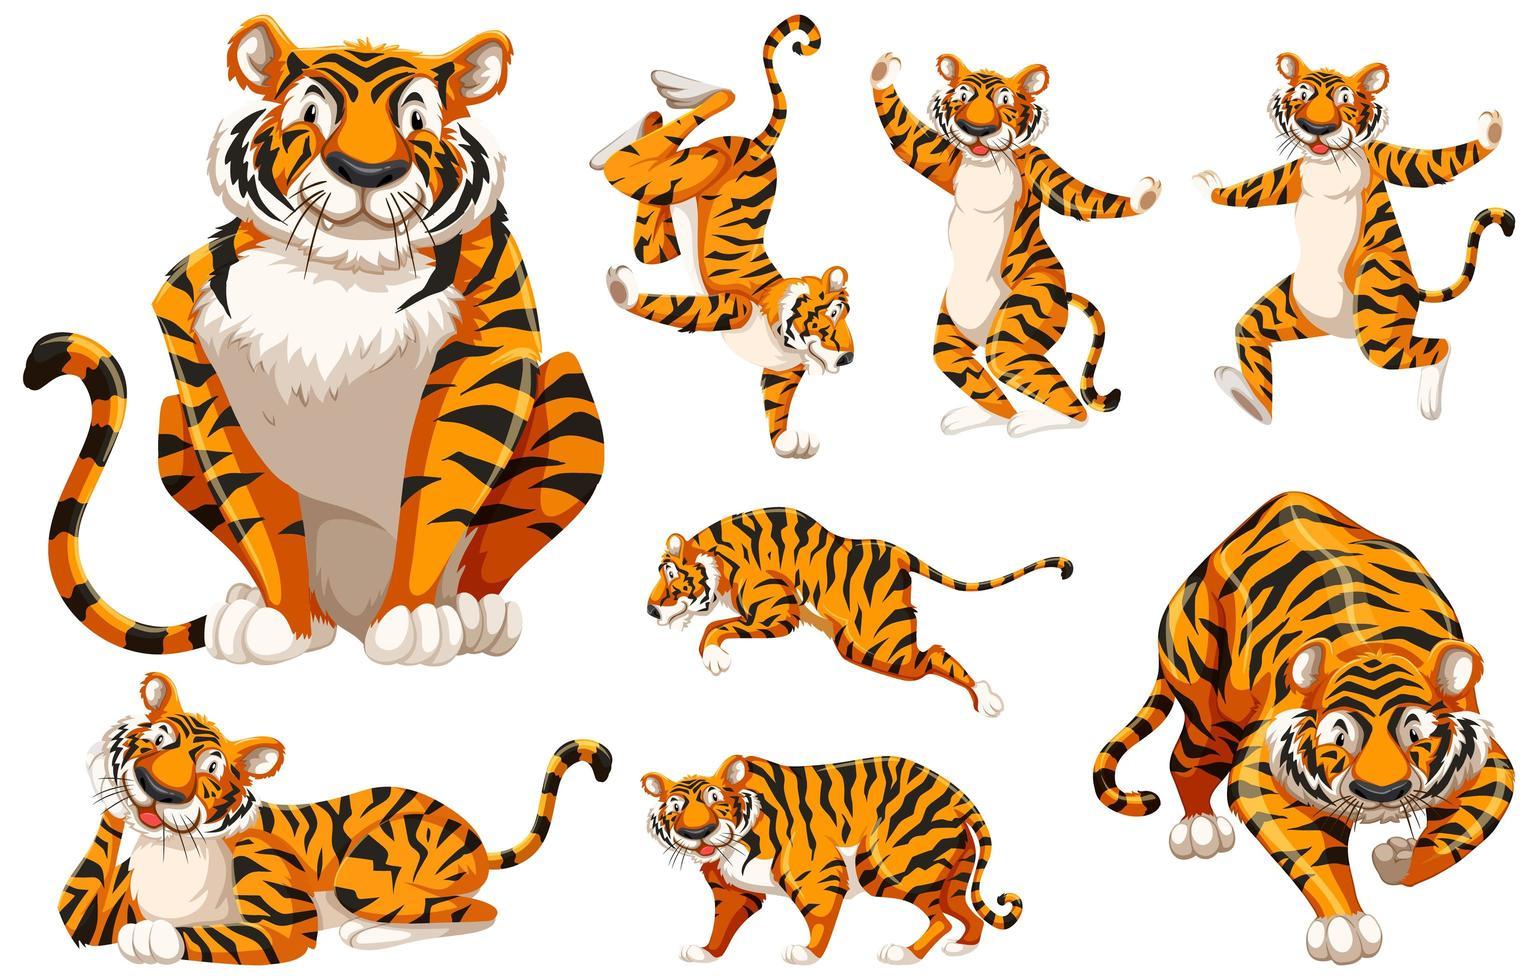 jeu de tigre de personnage de dessin animé vecteur